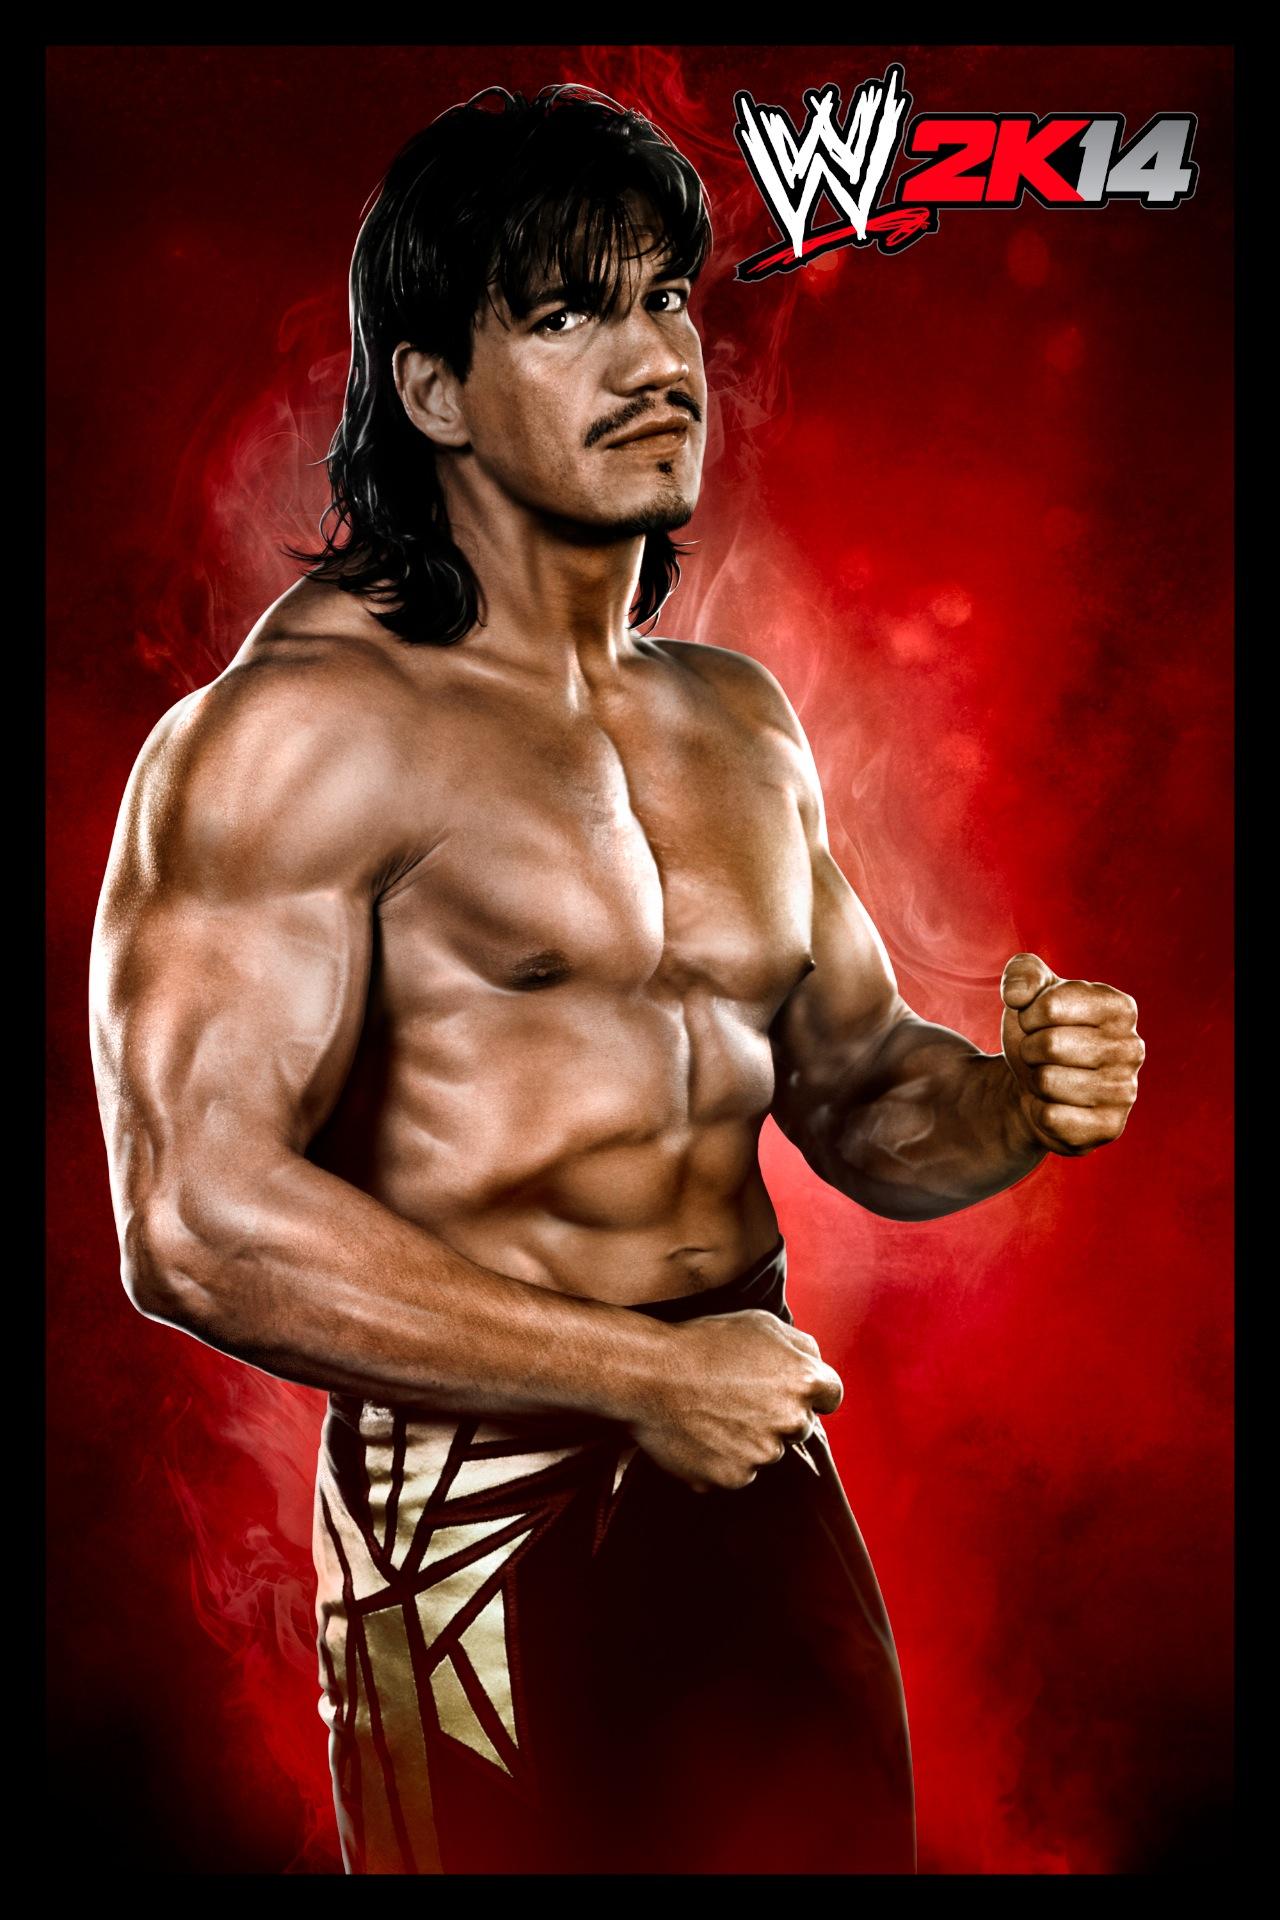 WWE 2K14 lucha libre, Videos y trailer del juego